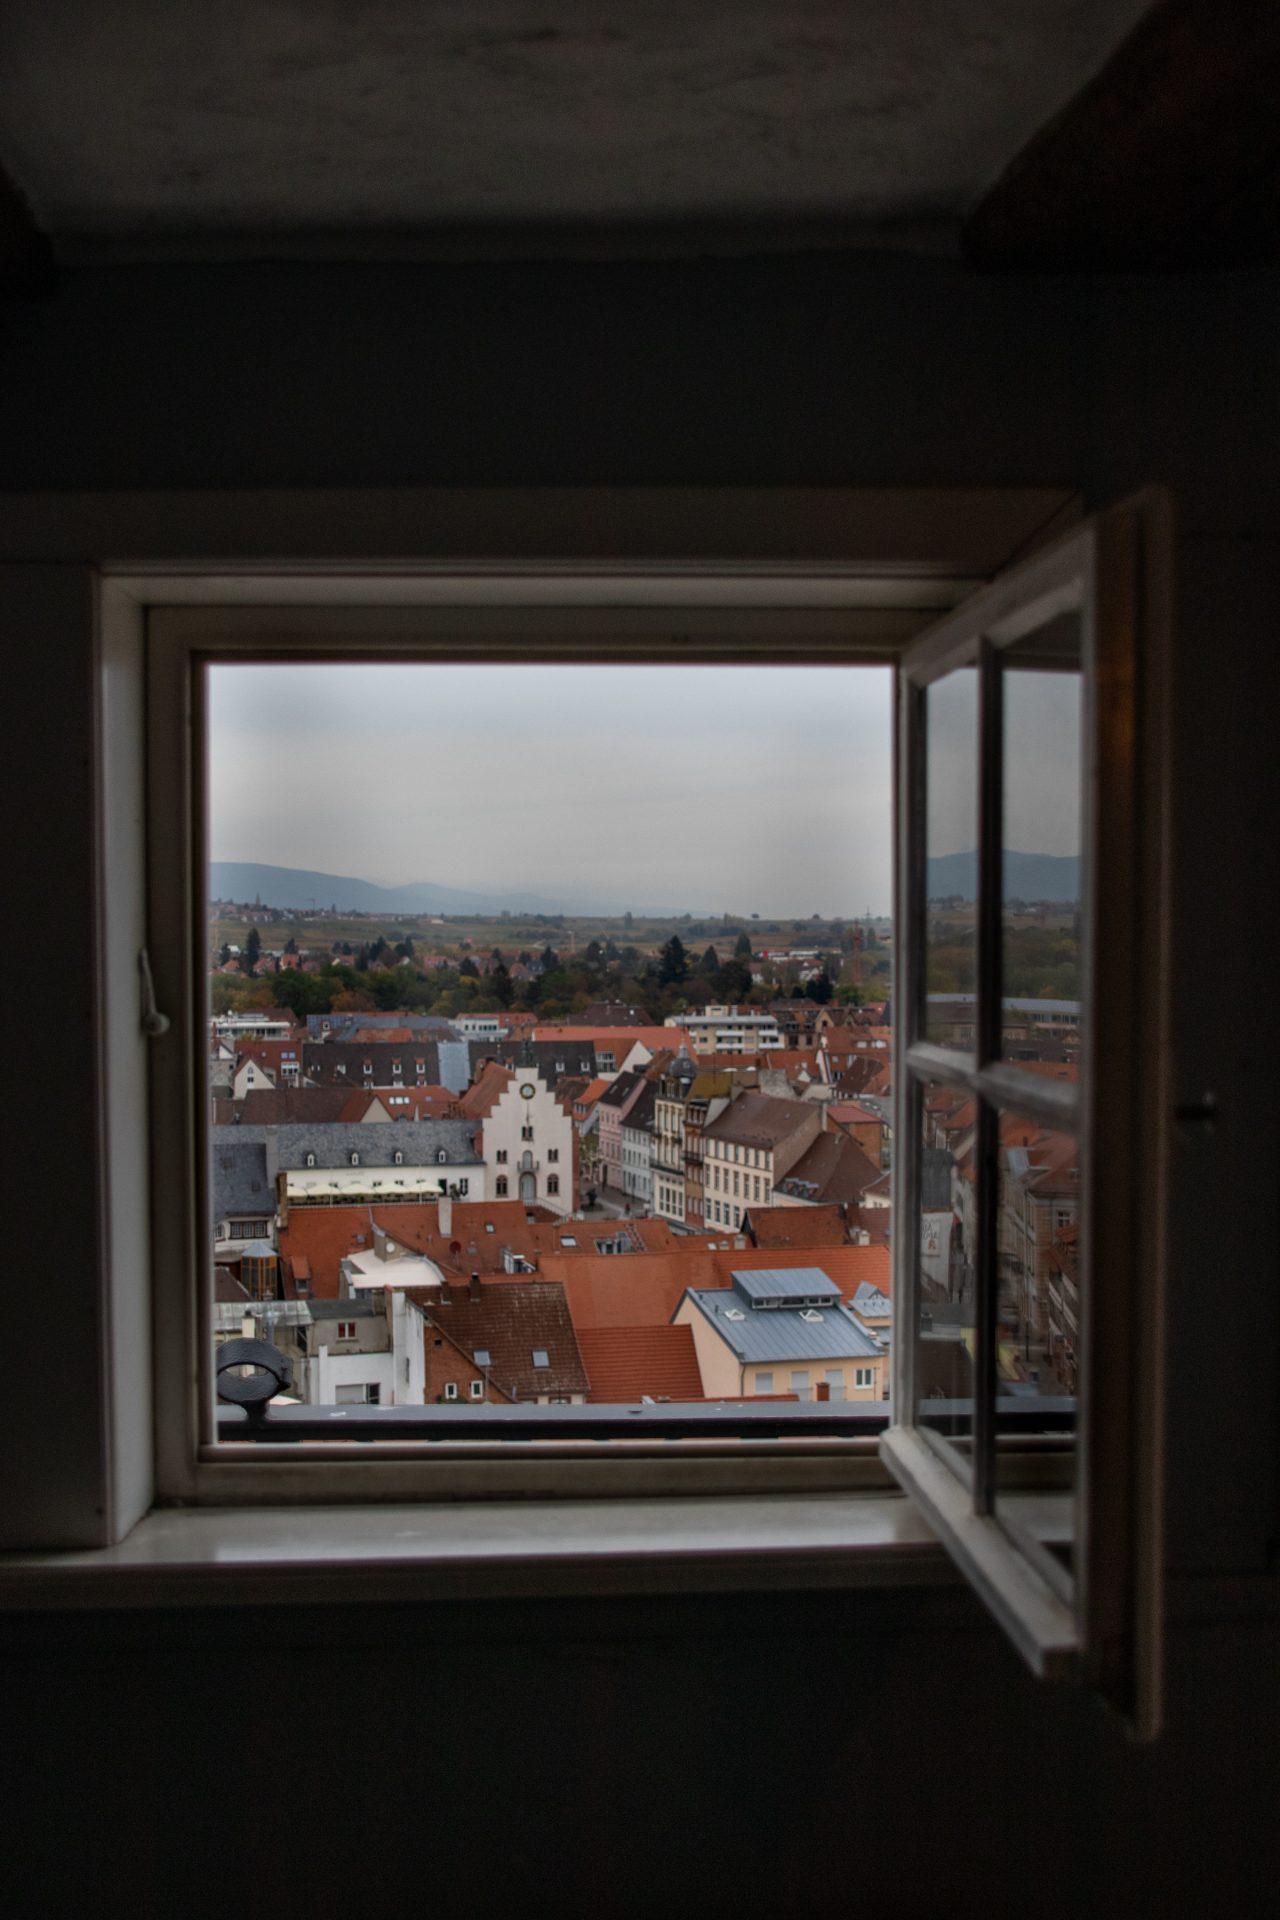 Landau-stiftskirche-fenster-ausblick